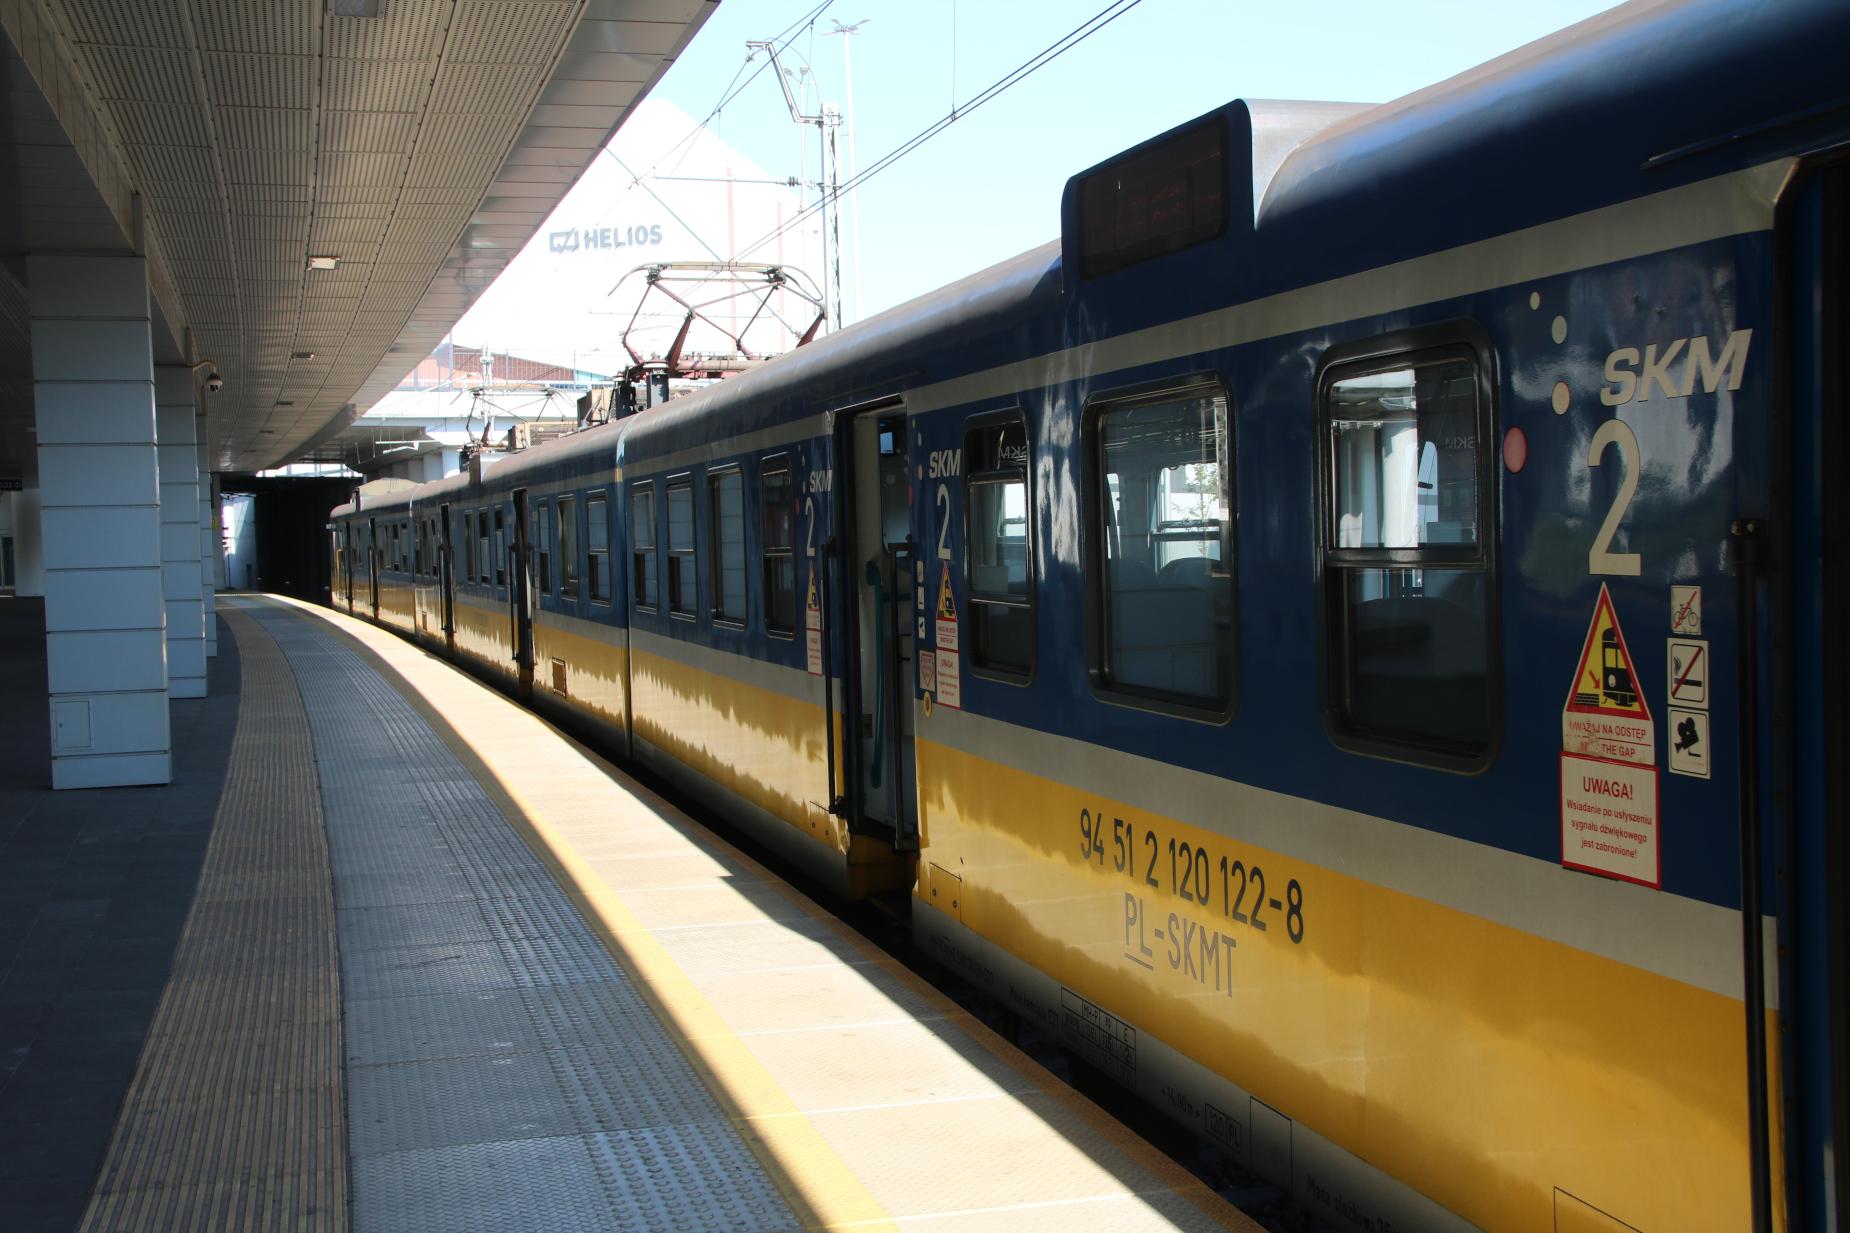 Na Festiwal Open'er 2019 pojedź pociągiem! Specjalny Karnet Województwa Pomorskiego już w sprzedaży